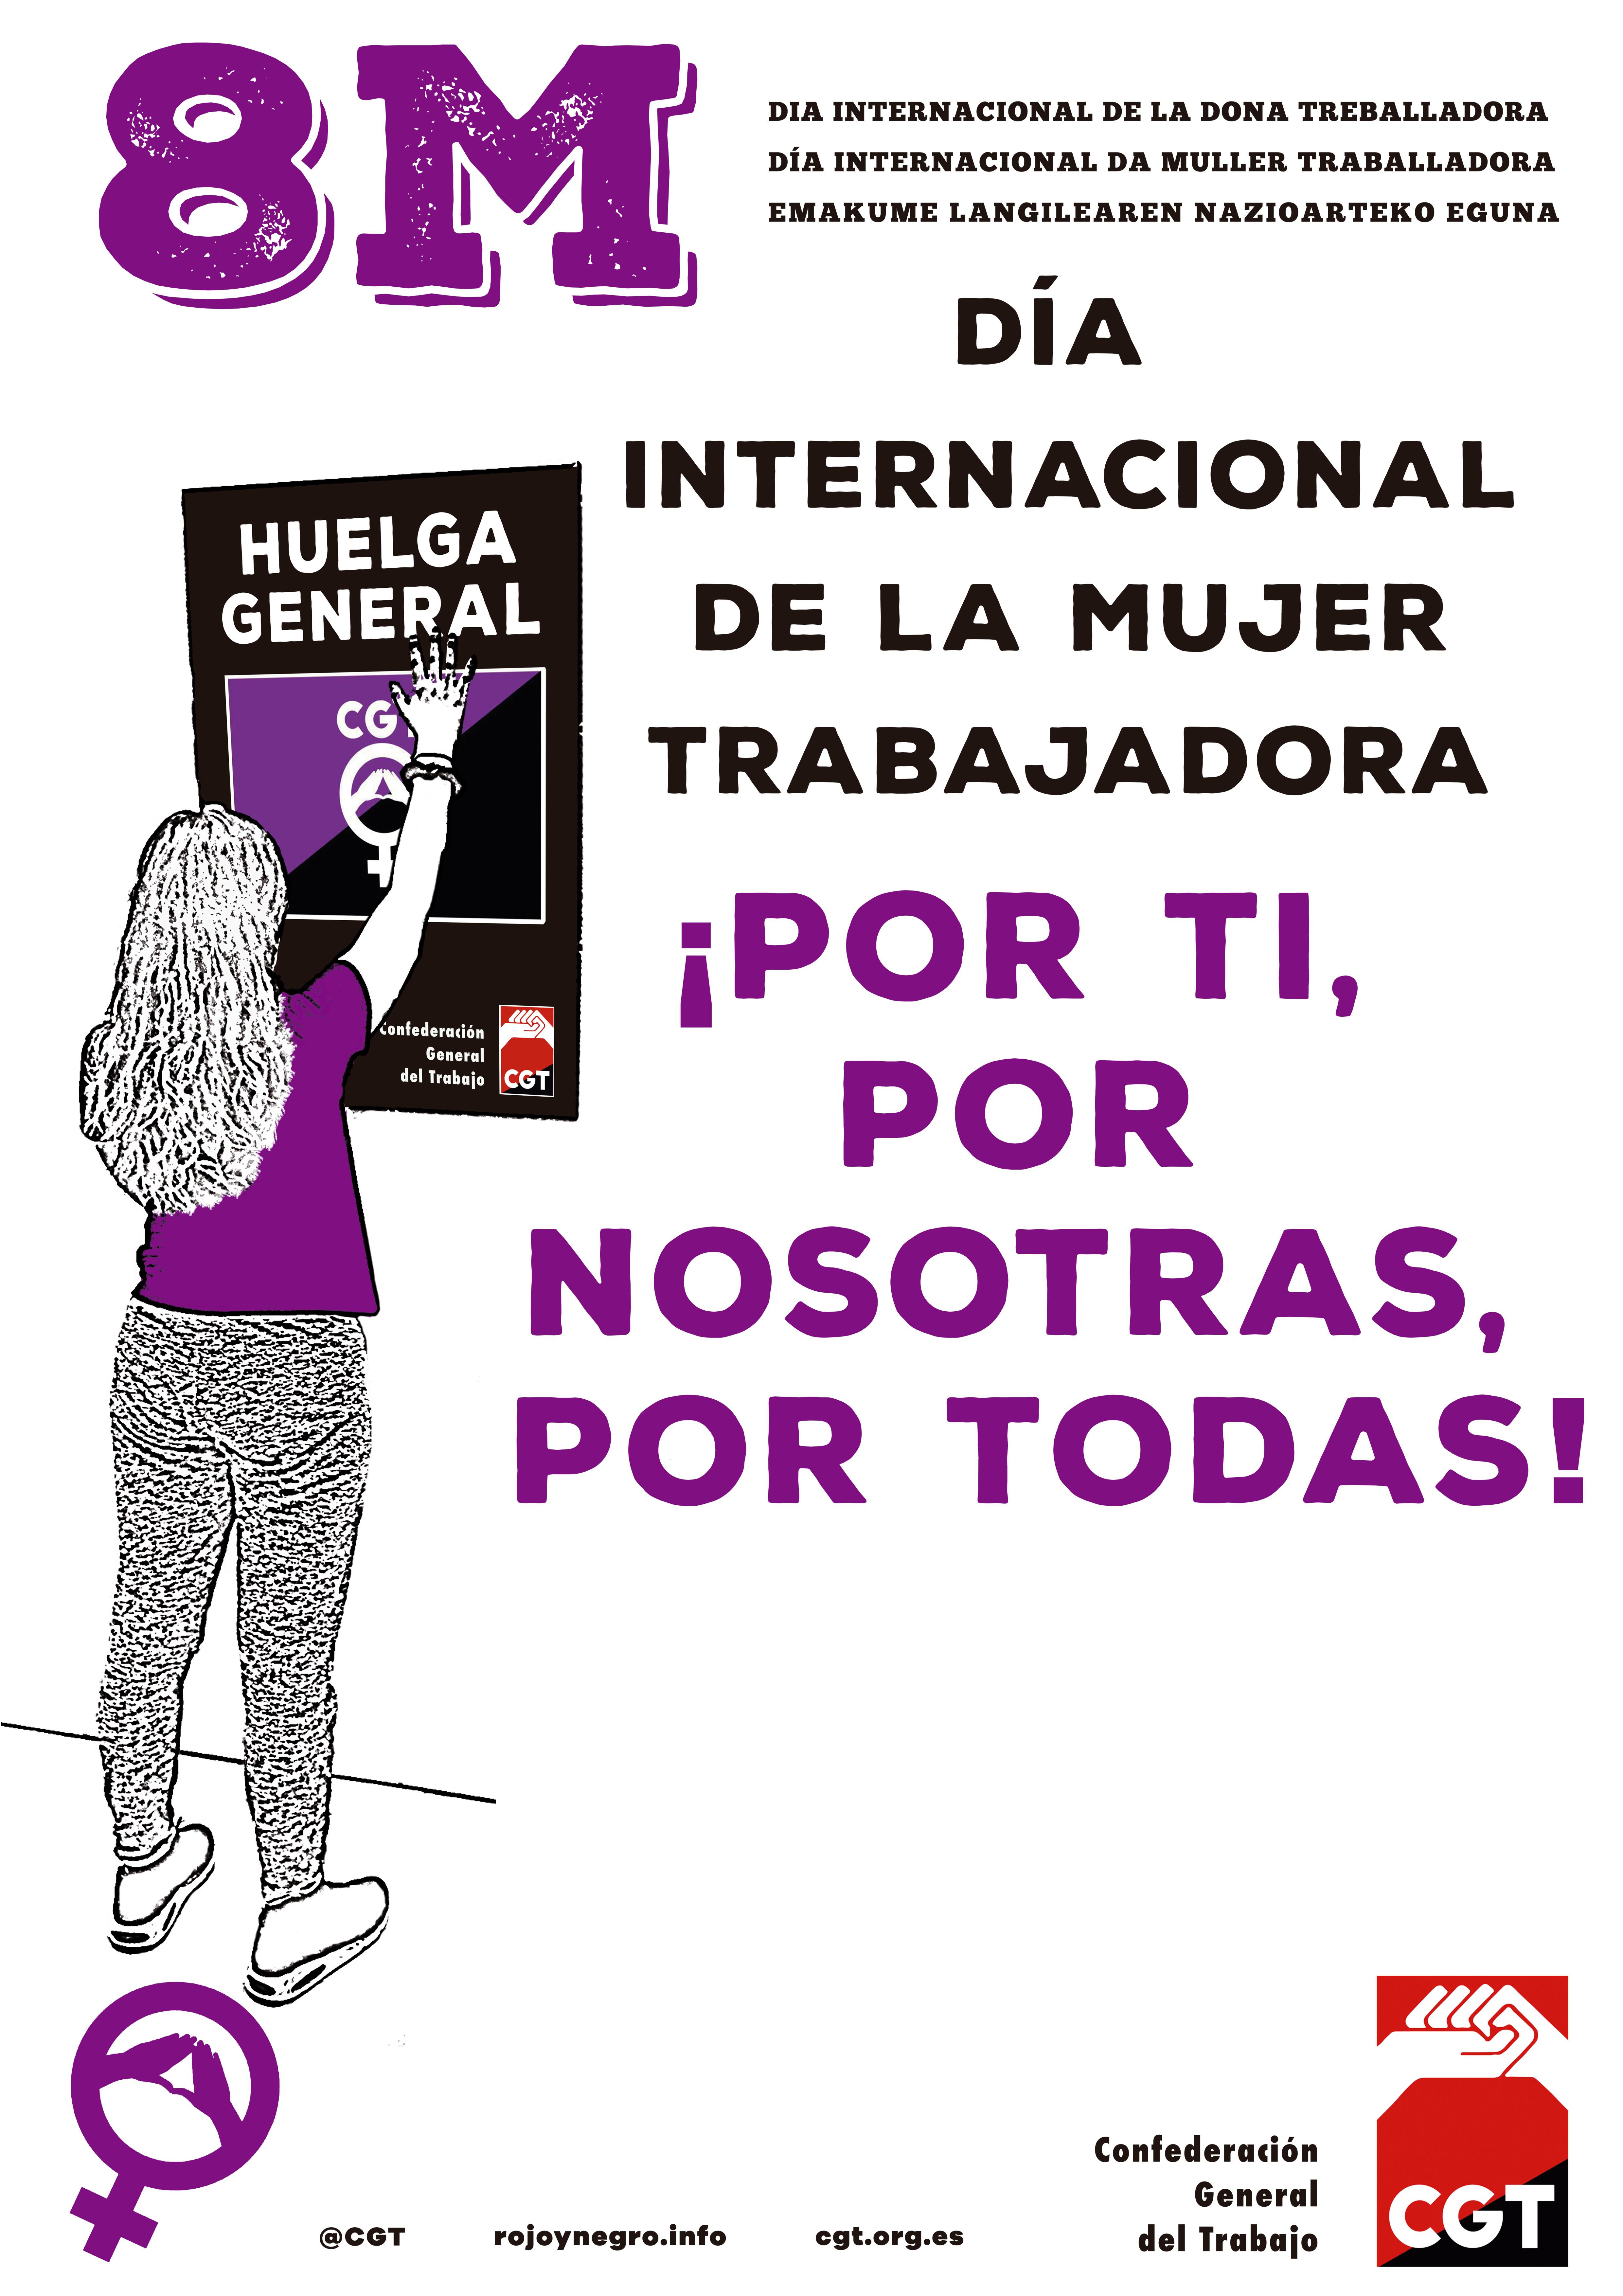 8 de Marzo de 2019 ¡Por ti, por nosotras, por todas! – HUELGA GENERAL